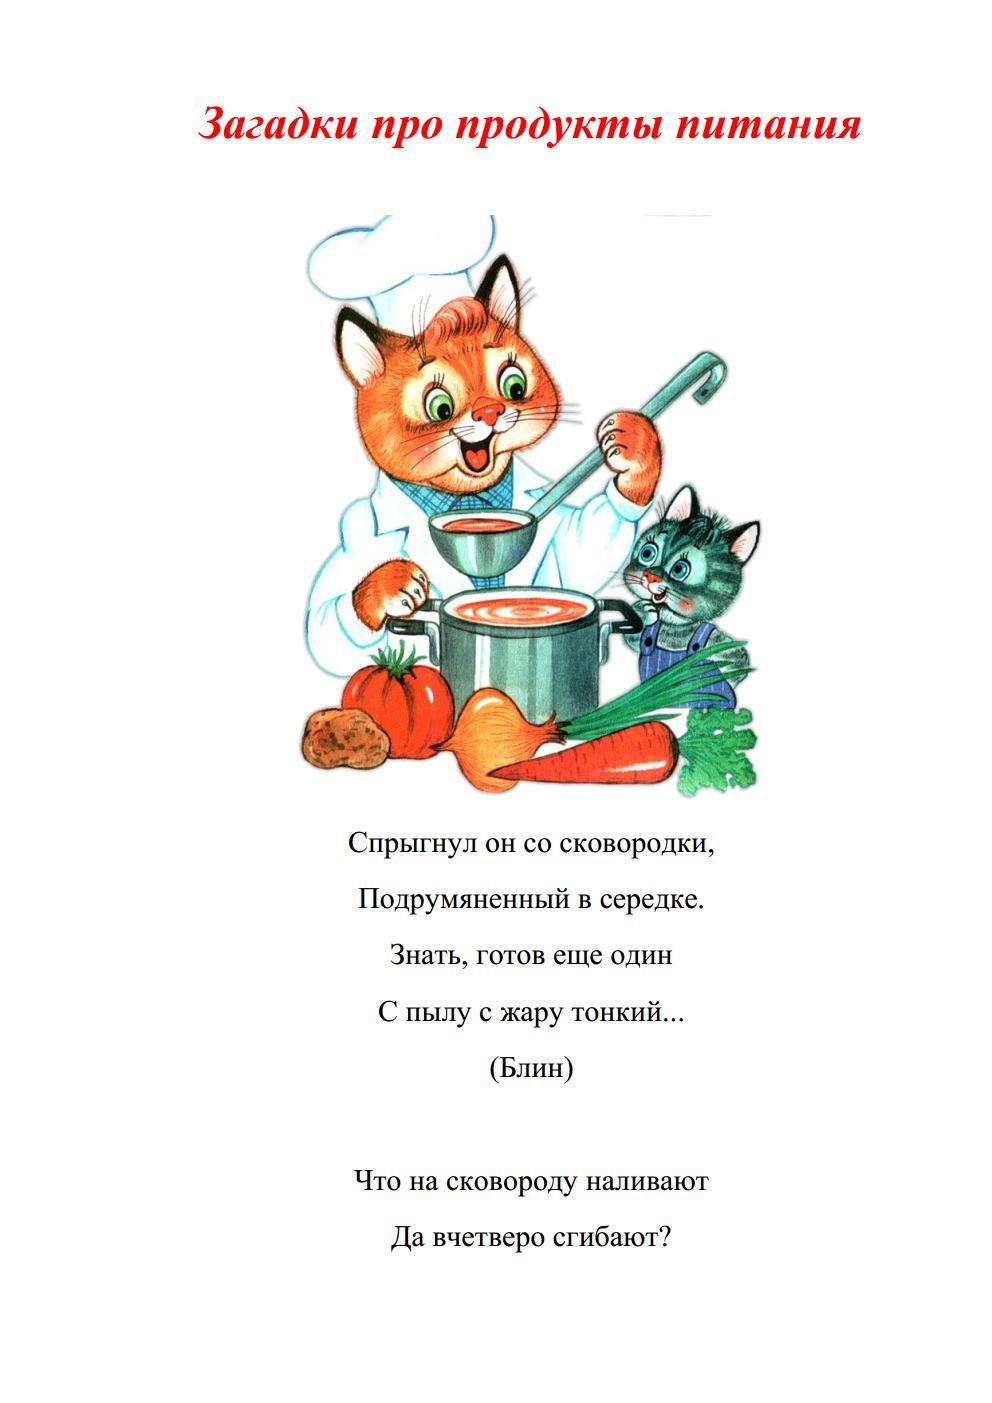 Детские стихи о еде